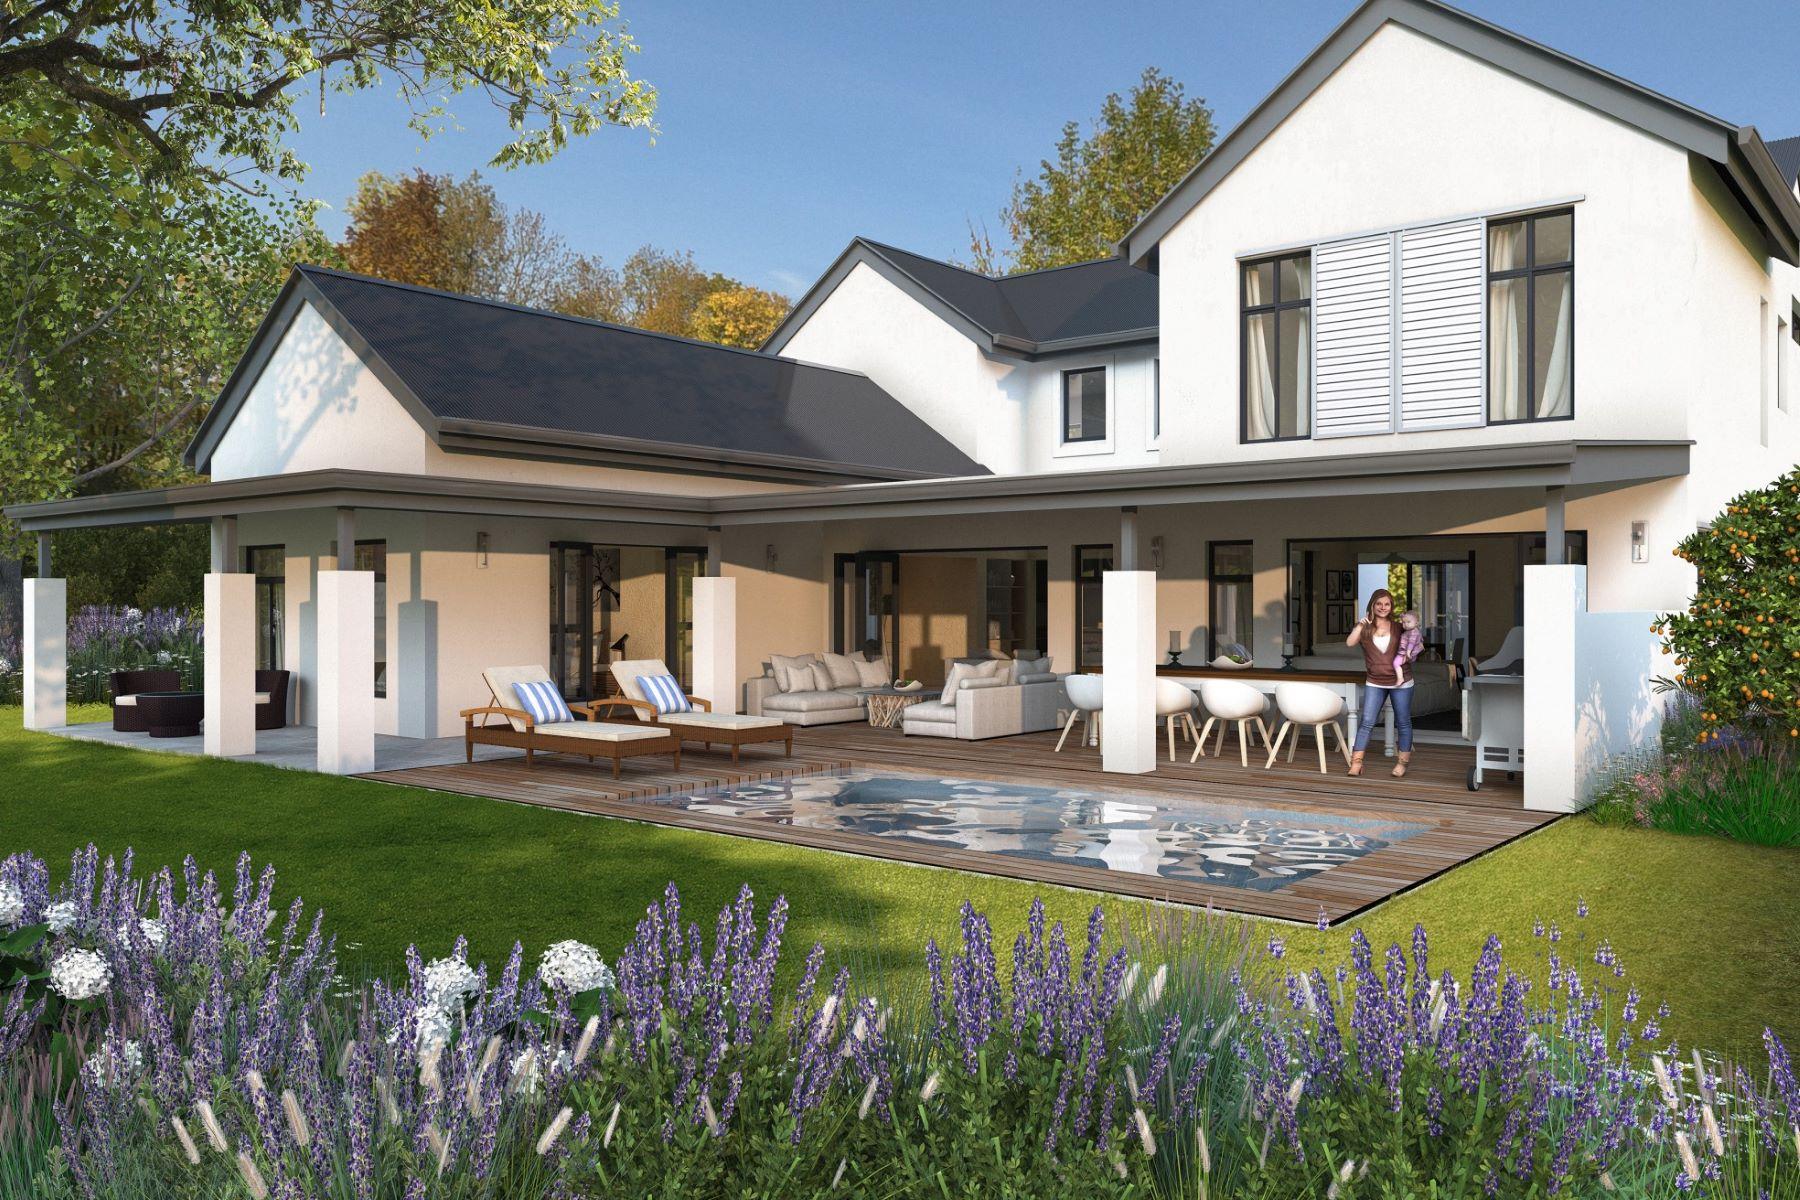 一戸建て のために 売買 アット Devonvale Golf & Wine Estate Phase 2 Devonvale Golf & Wine Estate Devon Valley Stellenbosch, 西ケープ, 7600 南アフリカ